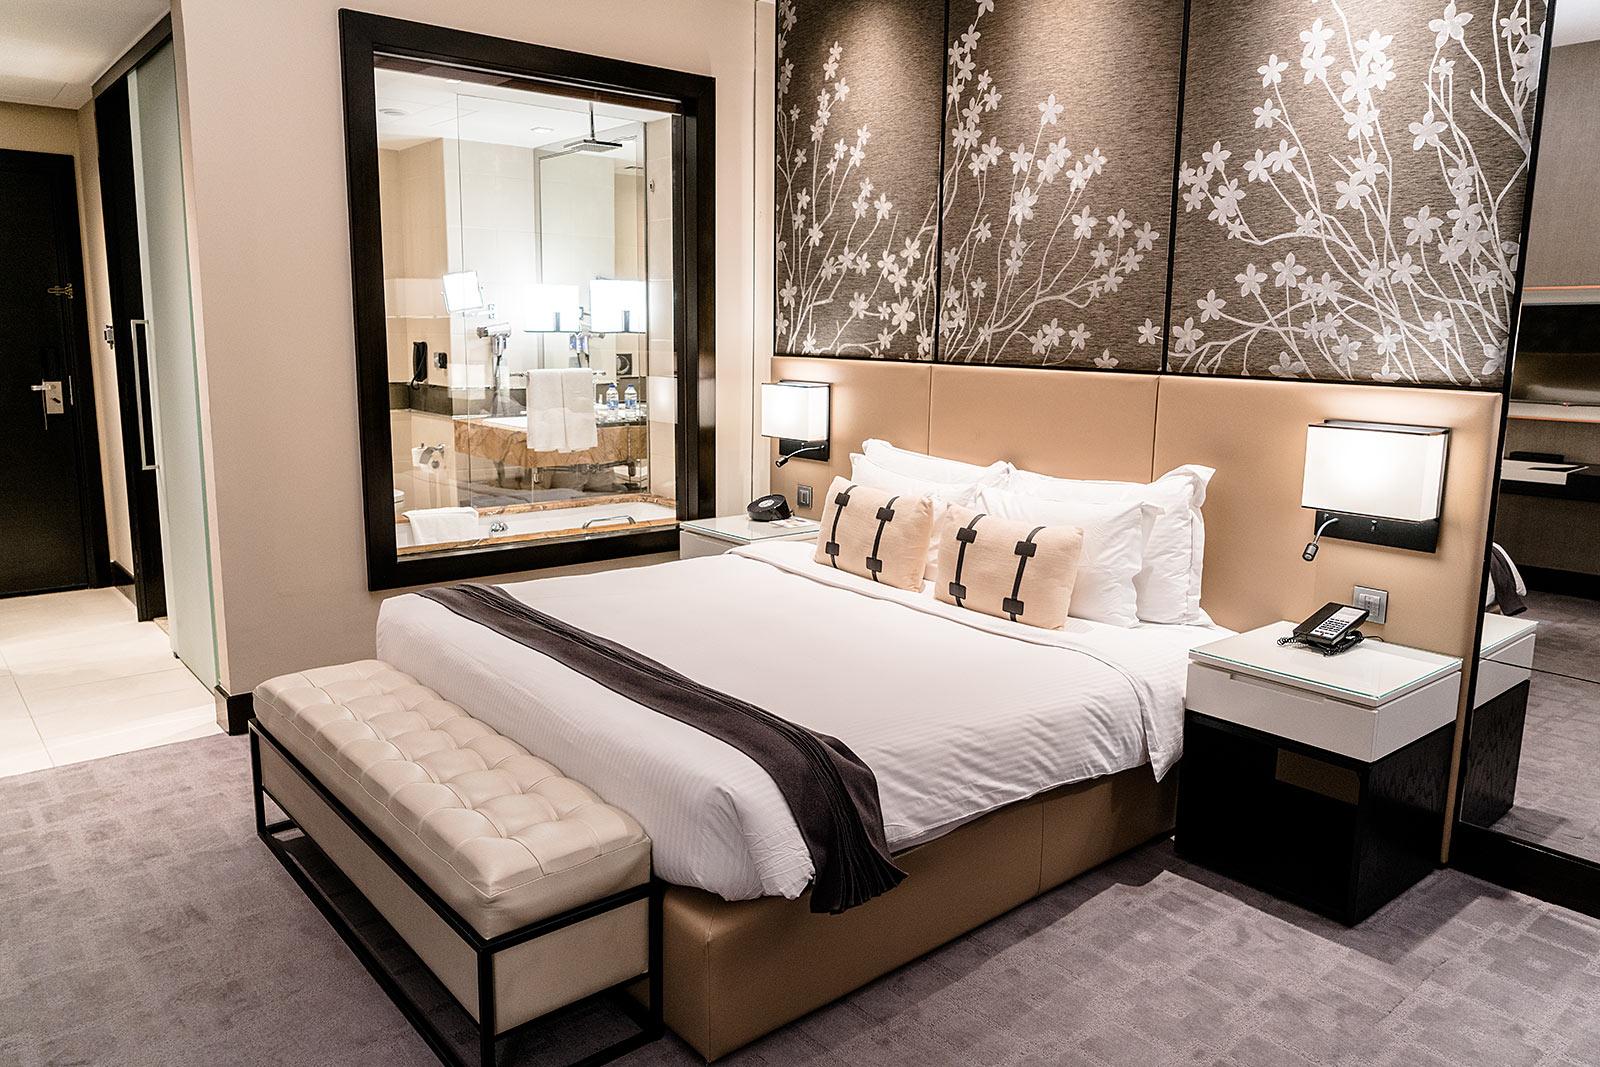 steigenberger hotel dubai doppelzimmer travel blog sunnyinga